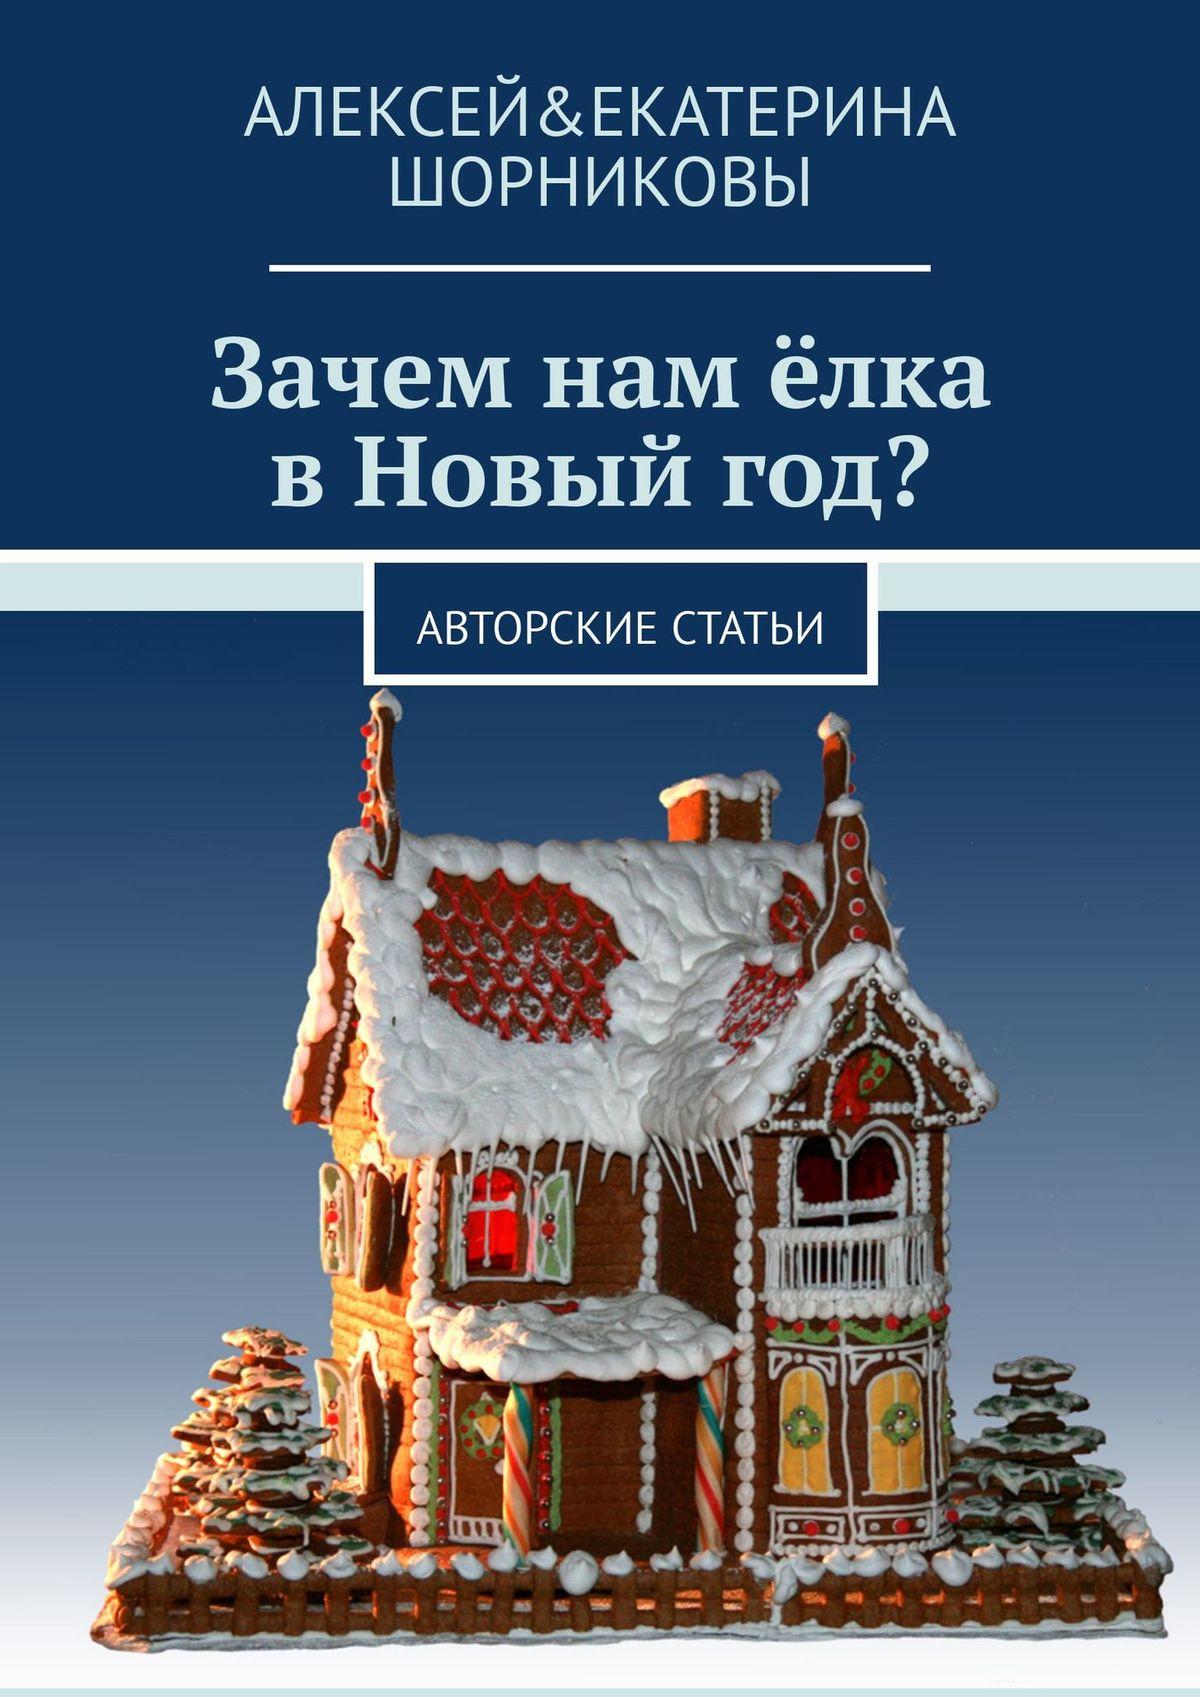 Алексей&Екатерина Шорниковы Зачем намёлка вНовыйгод? Авторские статьи